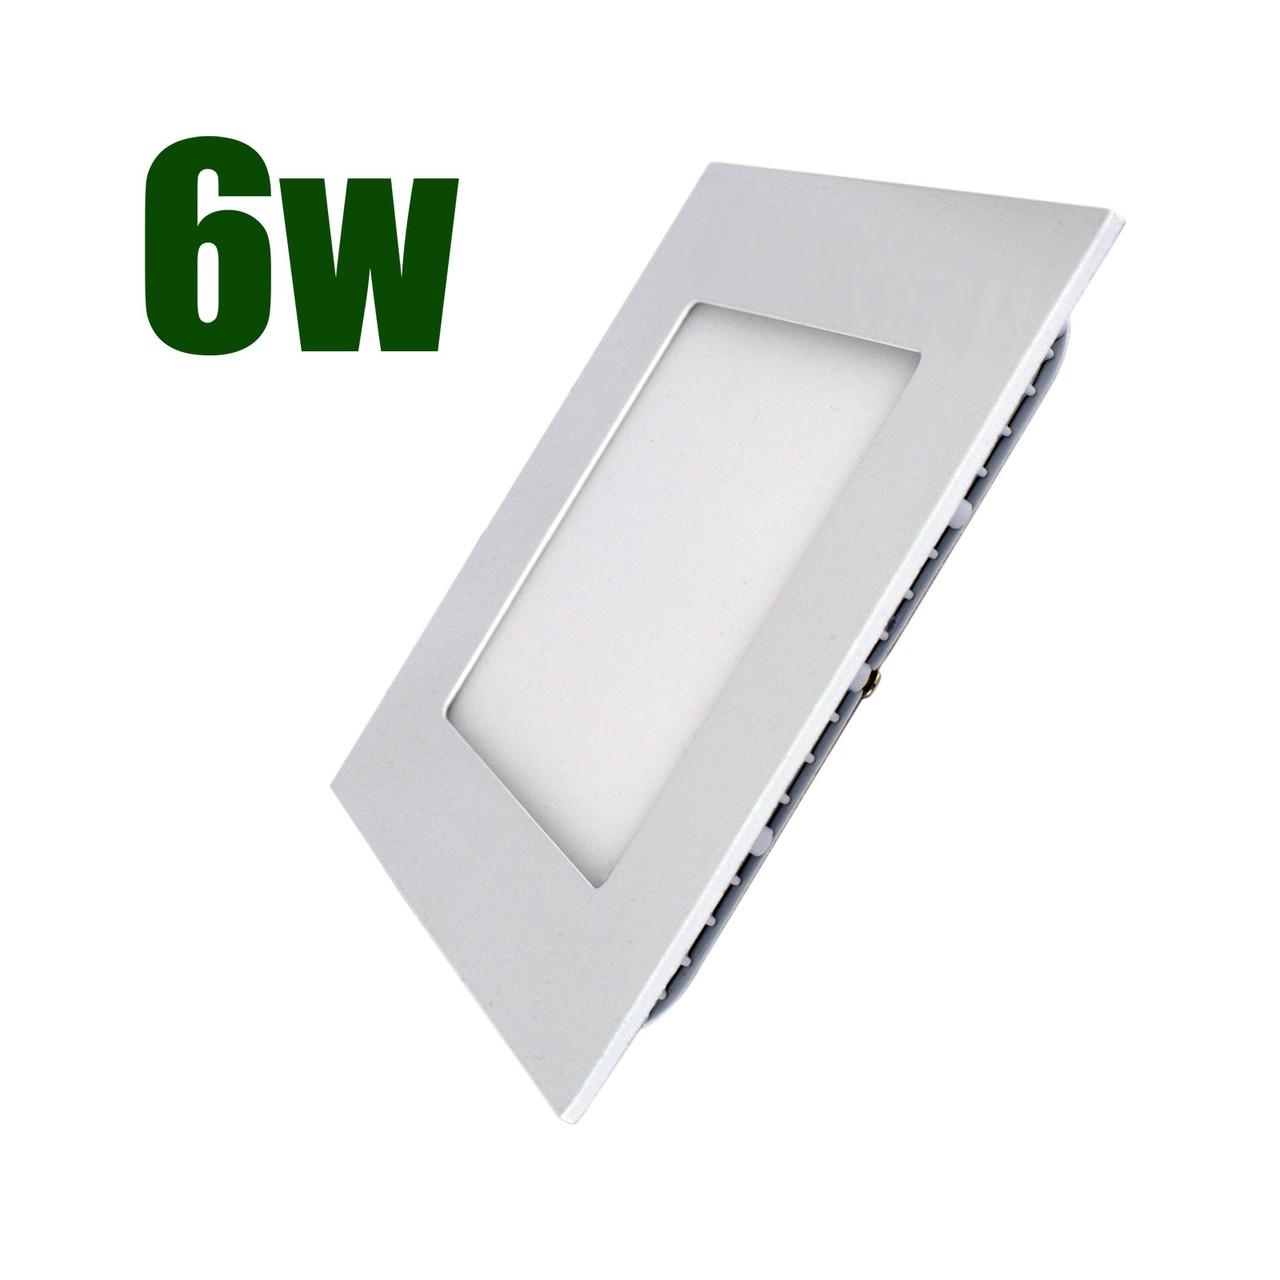 Светильник светодиодный встраиваемый LEDEX 6Вт 4000K 480lm квадрат белый (101601)